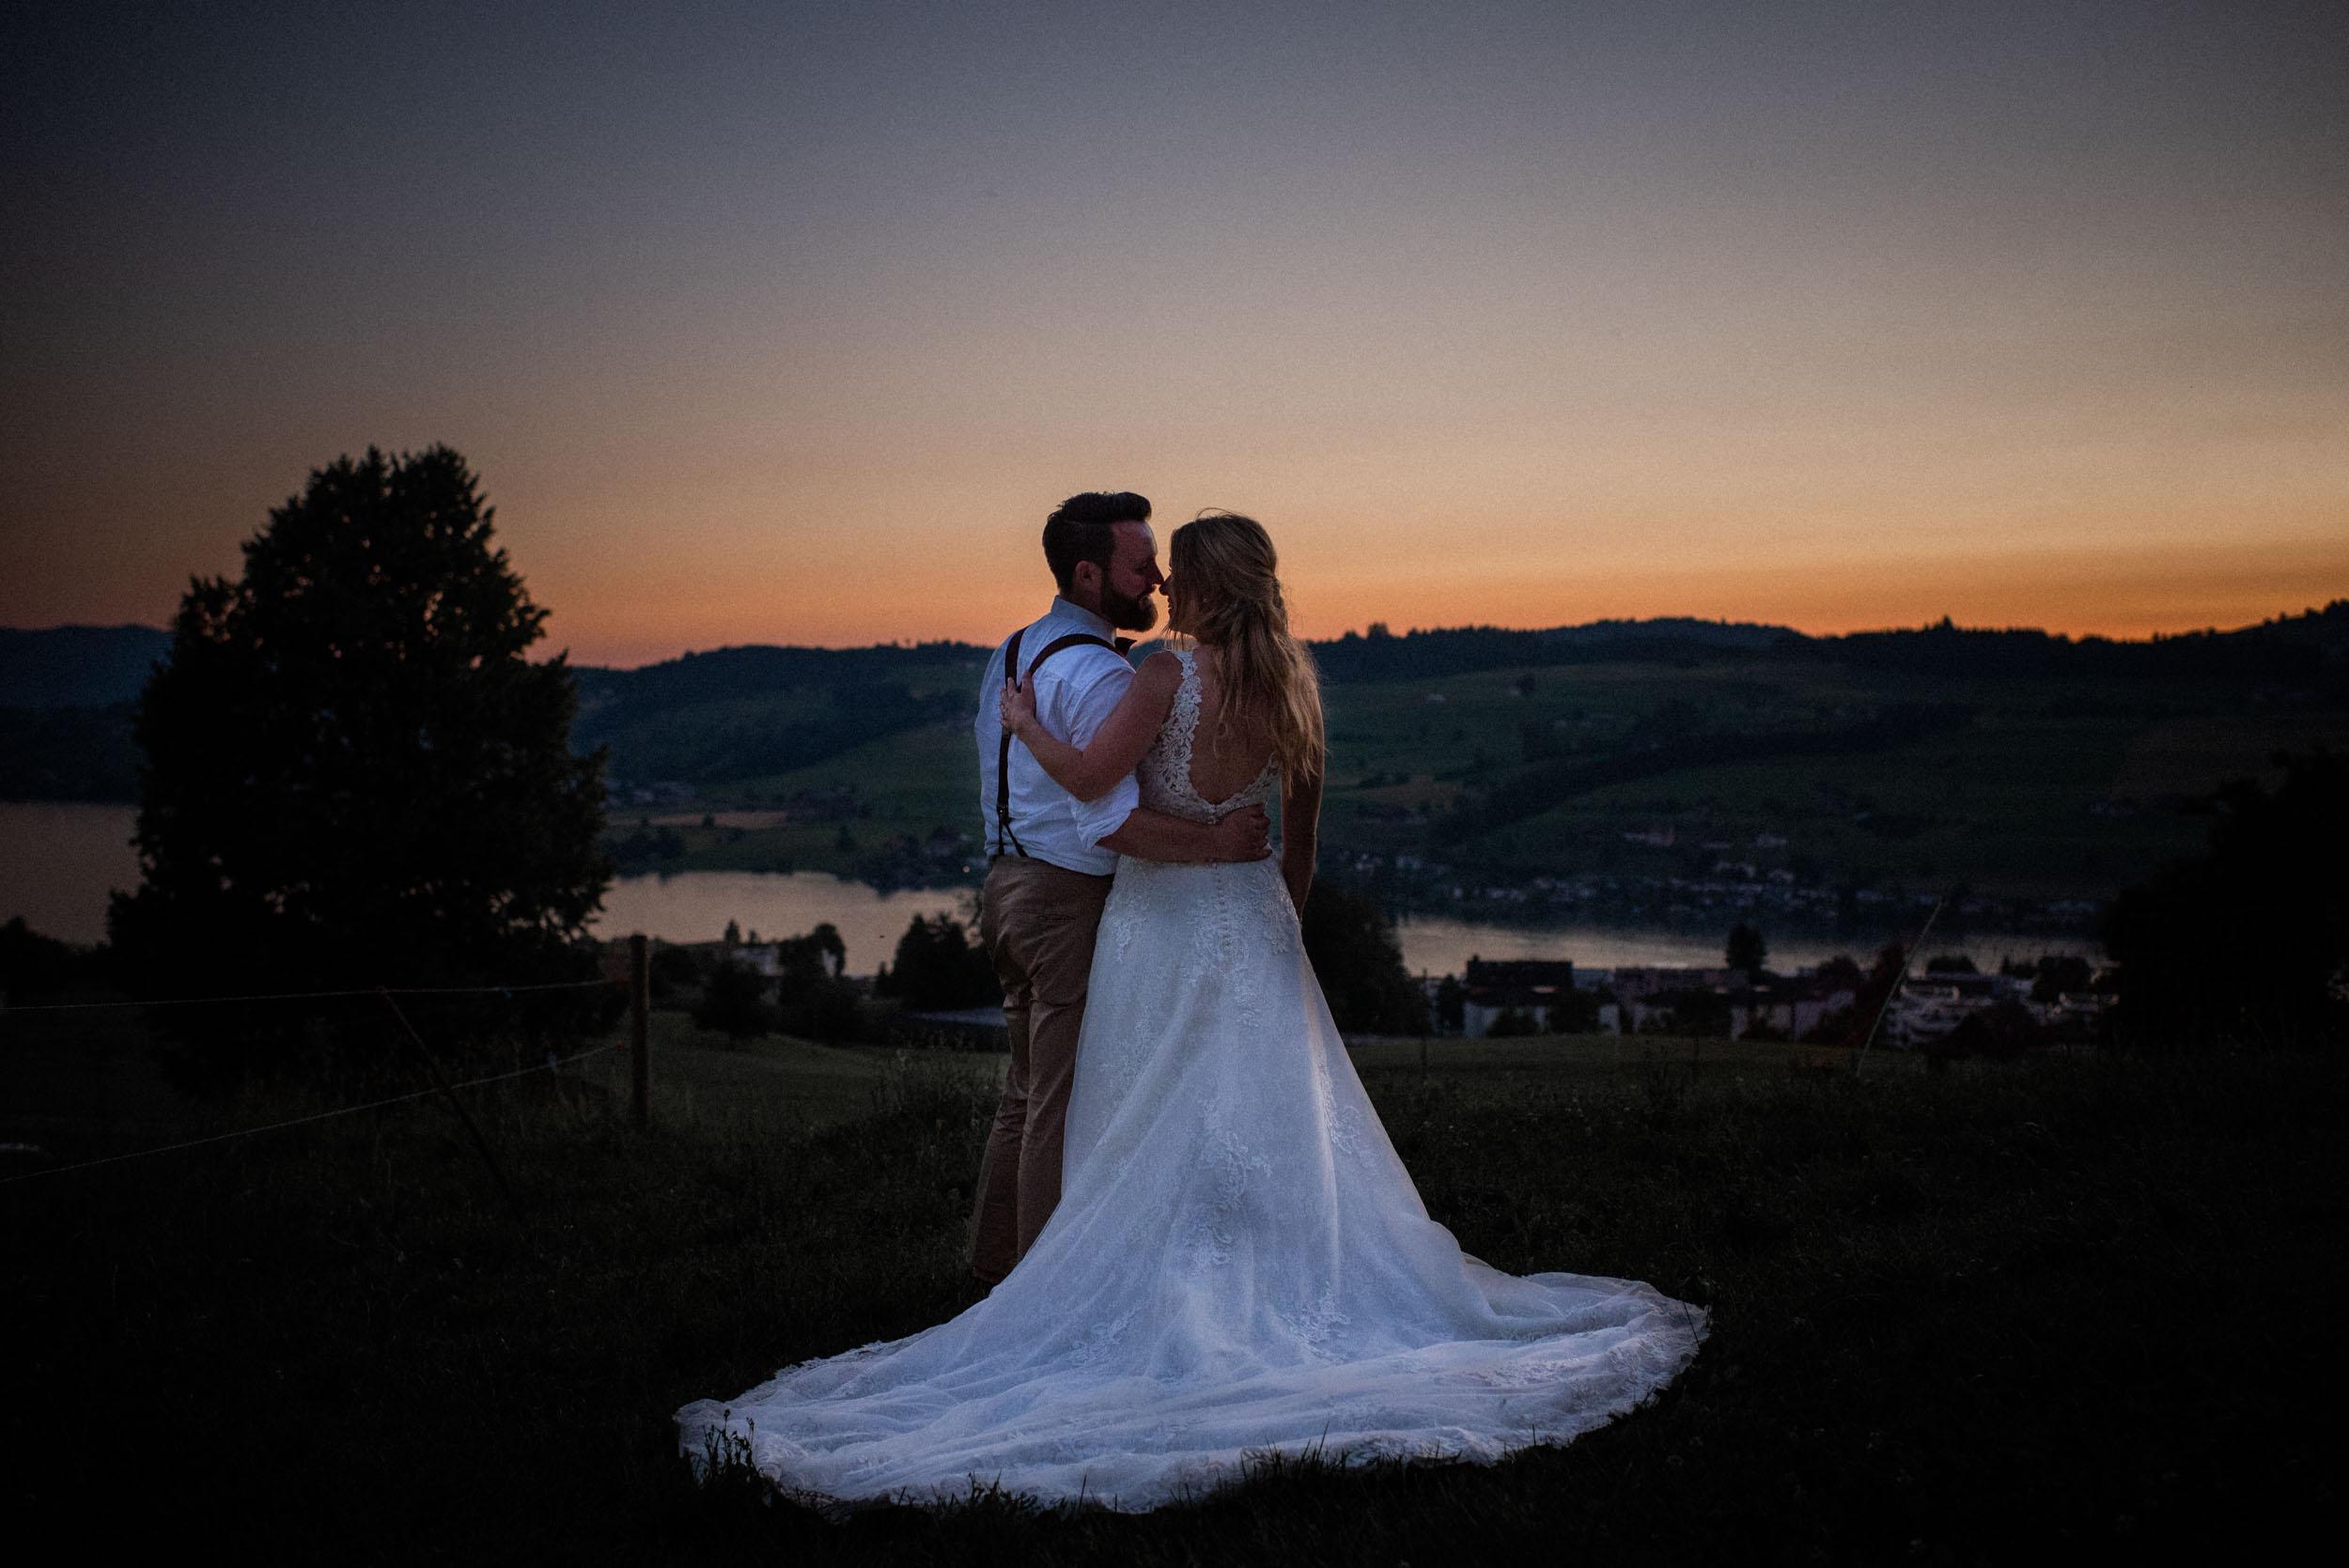 Hochzeitsreportage_Luzern_2019_26.jpg